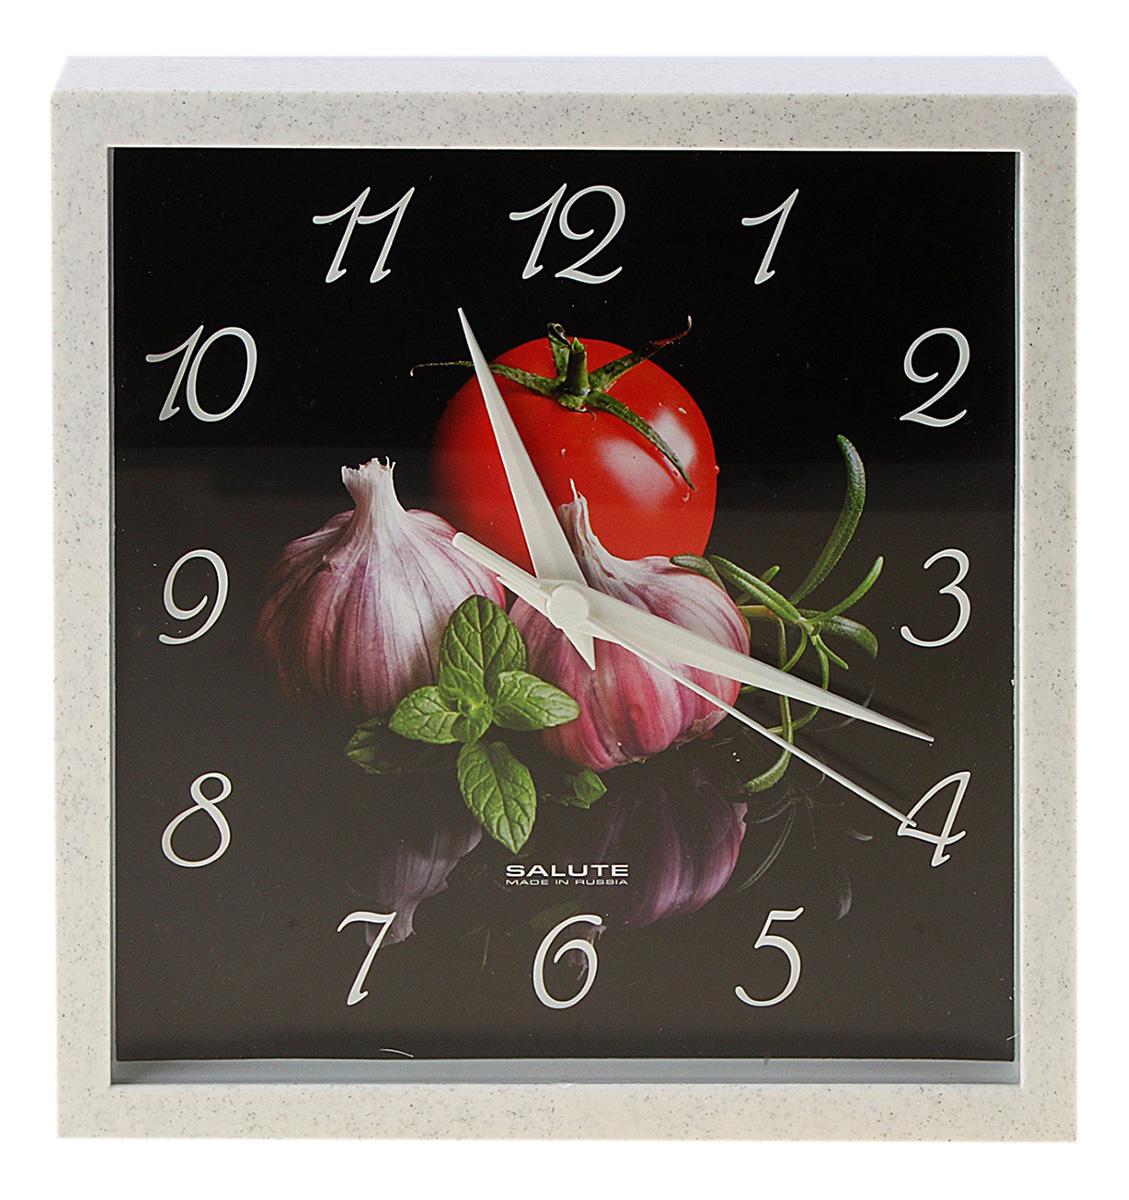 """Настенные часы — один из незаменимых атрибутов кухни, поскольку это не просто декоративный элемент, а верный помощник любой хозяйки. Ведь даже обычная варка яиц требует точного контроля времени. Многие скажут, что мобильный телефон является отличной заменой традиционному часовому механизму. Но что делать, если ваши руки в тесте или вы занимаетесь чисткой рыбы? В этой ситуации традиционные настенные часы будут незаменимы. Представляем вашему вниманию популярную модель кухонных часов от торговой марки «Салют». Они выполнены в спокойном гастрономическом дизайне. Их будет приятно подвесить возле варочной поверхности или над обеденным столом. Особенности данной модели настенных часов Пластик Пластиковое кольцо и корпус не тускнеют, не деформируются и не выделяют вредных веществ благодаря использованию сертифицированного материала широкой цветовой гаммы. Стекло Чистоту визуального восприятия обеспечивает приборное стекло, соответствующее ГОСТ оборонной промышленности, который, в свою очередь, был разработан для высокоточных оптических приборов. Циферблат Циферблат устойчив к деформации при изменении температуры от ?50 до +70°C и влажности от 0 до 80%, поскольку цифры и рисунки наносятся водостойкой краской на специально подготовленный пластик. Работают от одного элемента питания типа АА (в комплект не входит).Часы настенные квадратные """"Чеснок"""", кухонные 653071"""